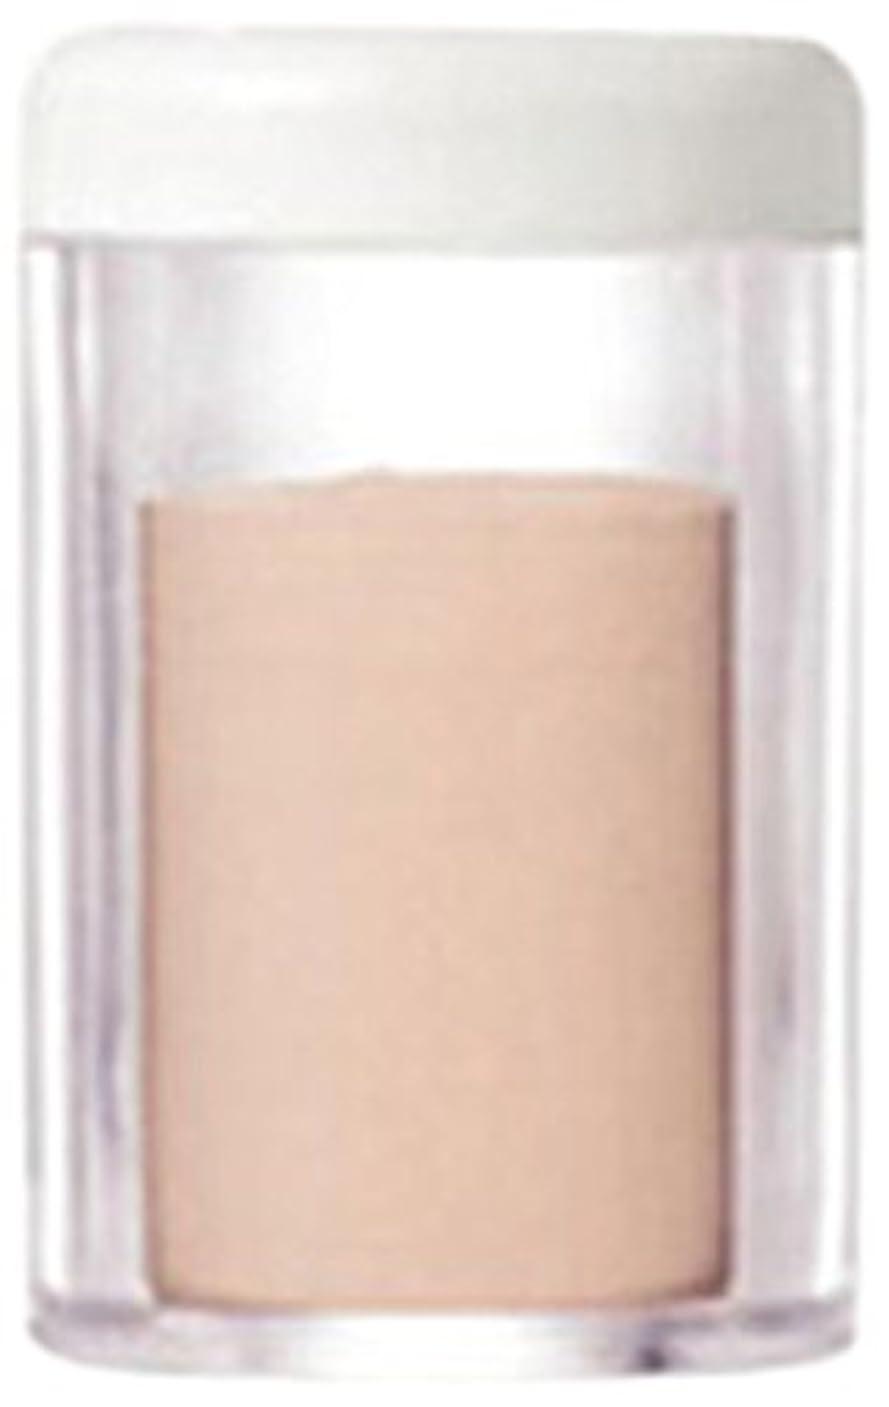 アンペア最も遠い意気込みゲマイン UVパウダー レフィル ナチュラルライト